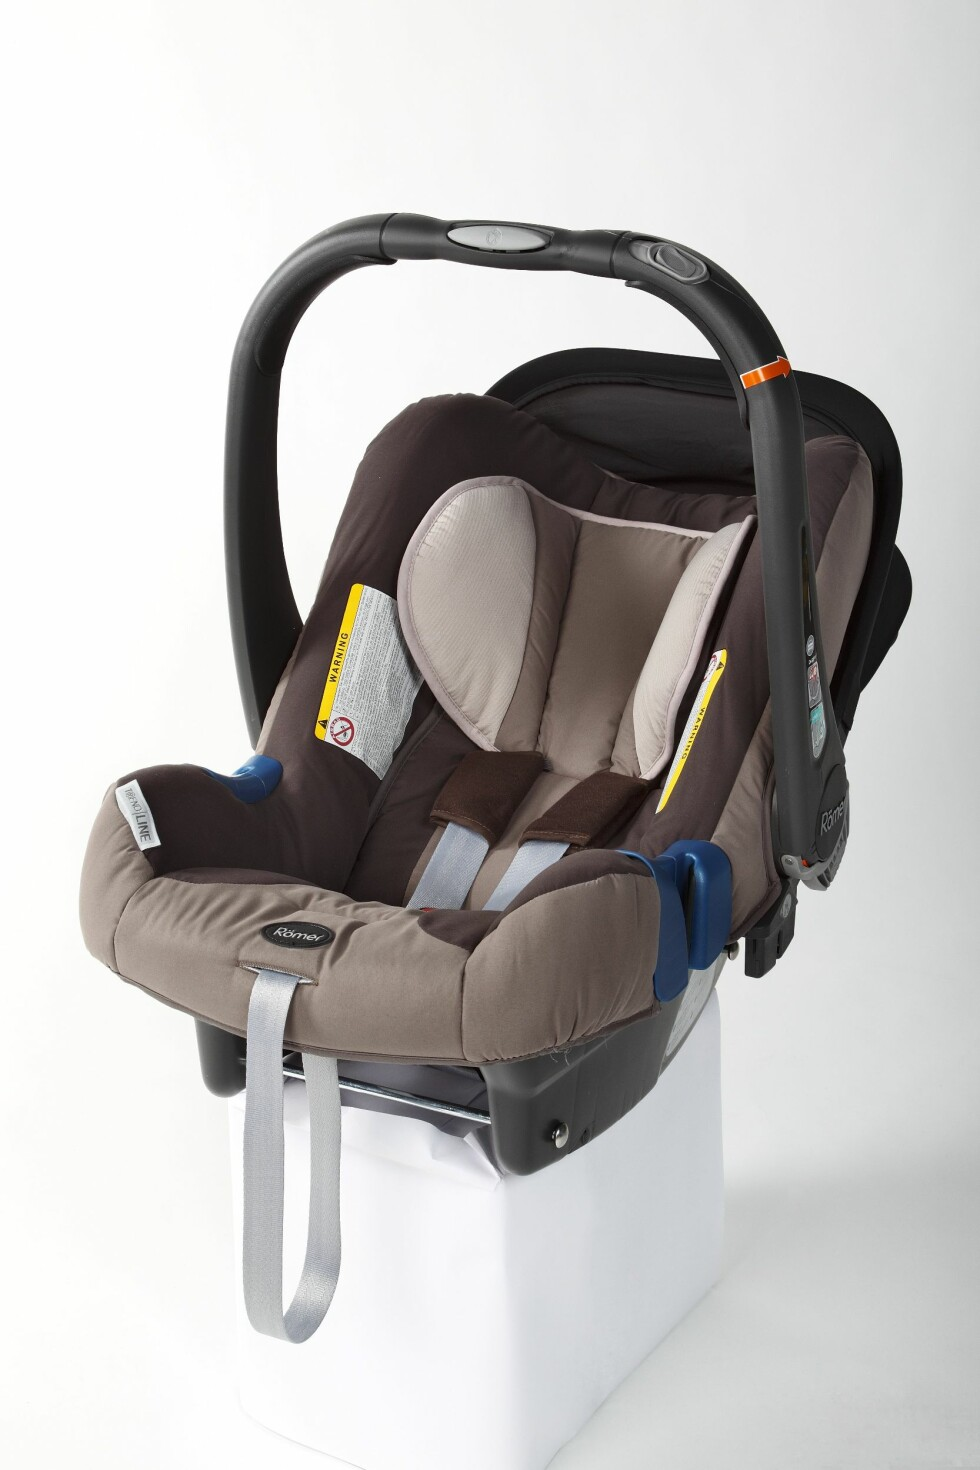 Roemer Baby-Safe Plus II SHR ble det beste babysetet. Foto: Produktbilder ICRT og Forbrukerrådet